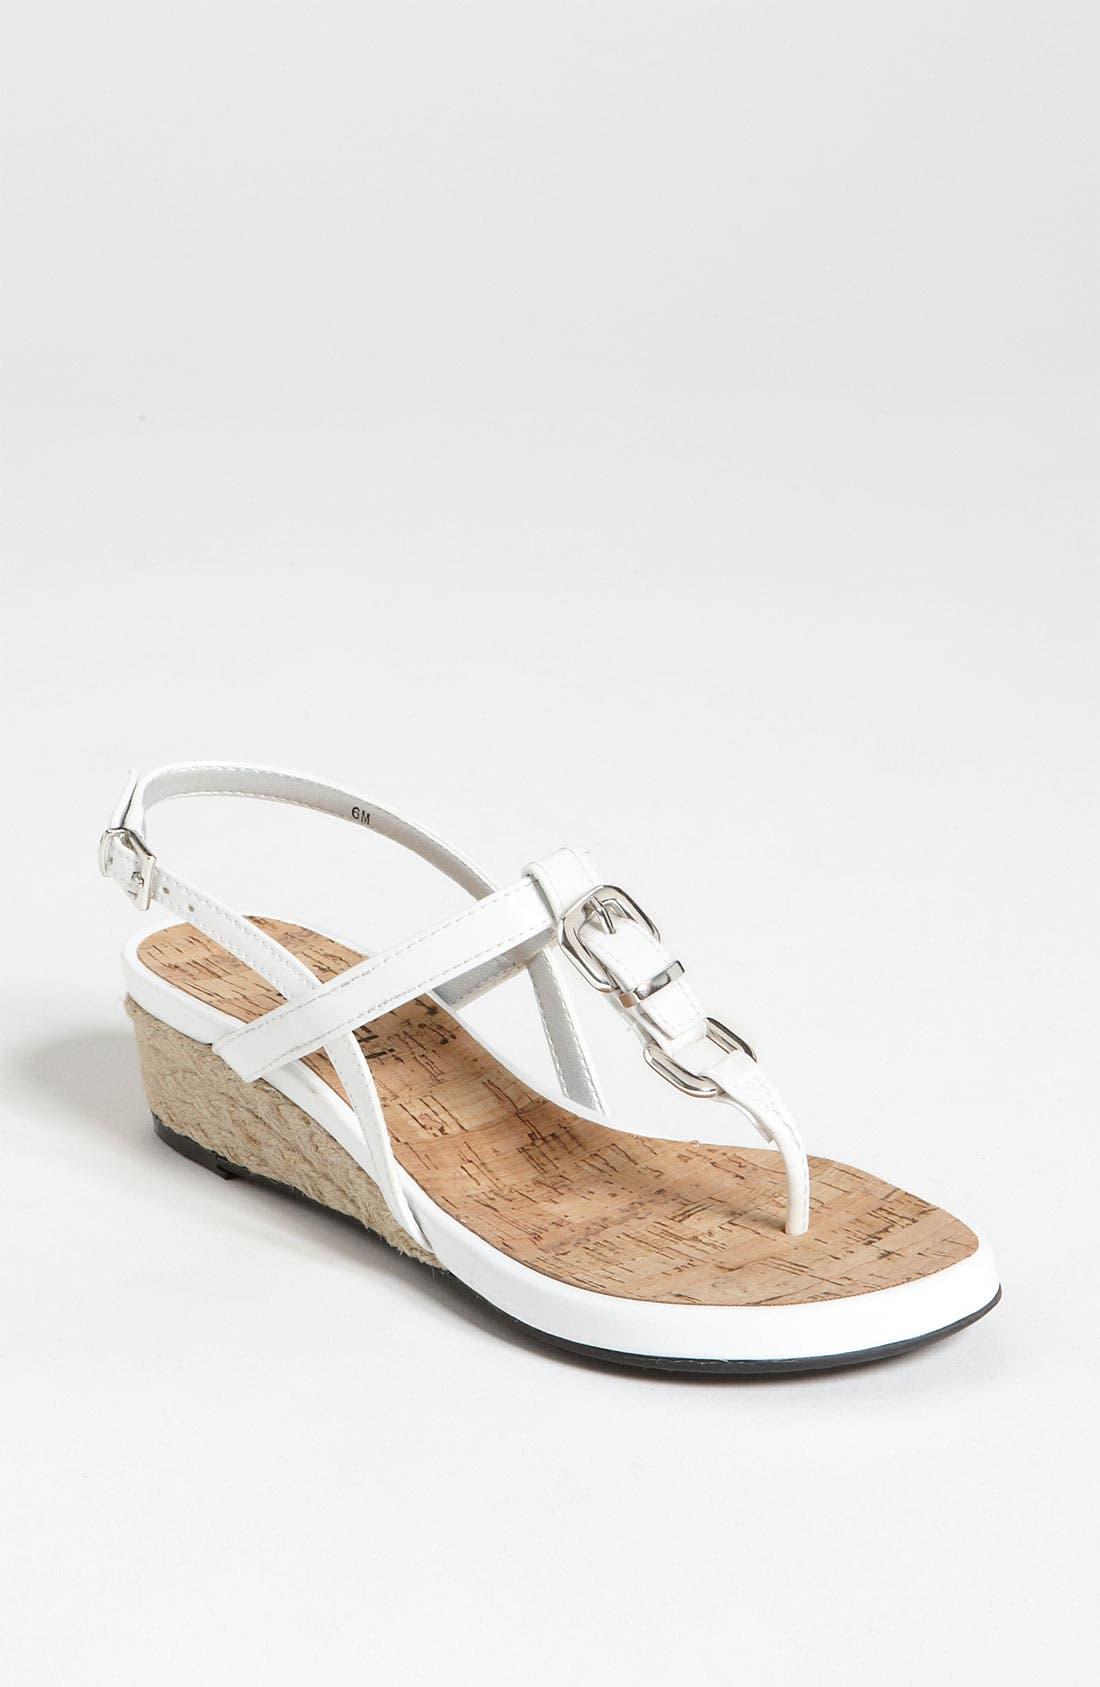 Alternate Image 1 Selected - VANELi 'Karima' Sandal